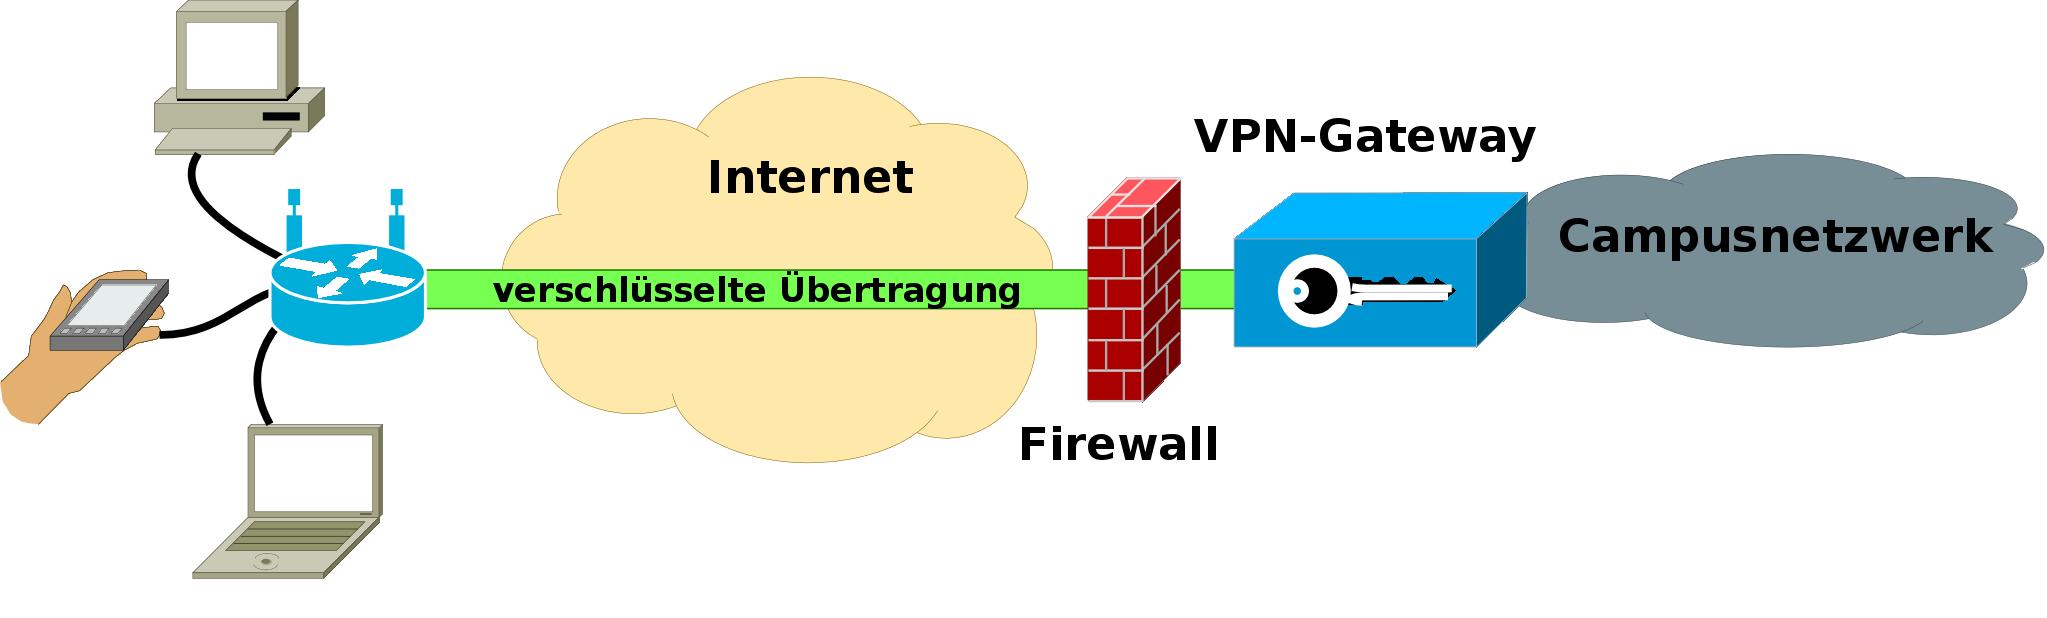 Raspberry Pi 2 As Vpn Server